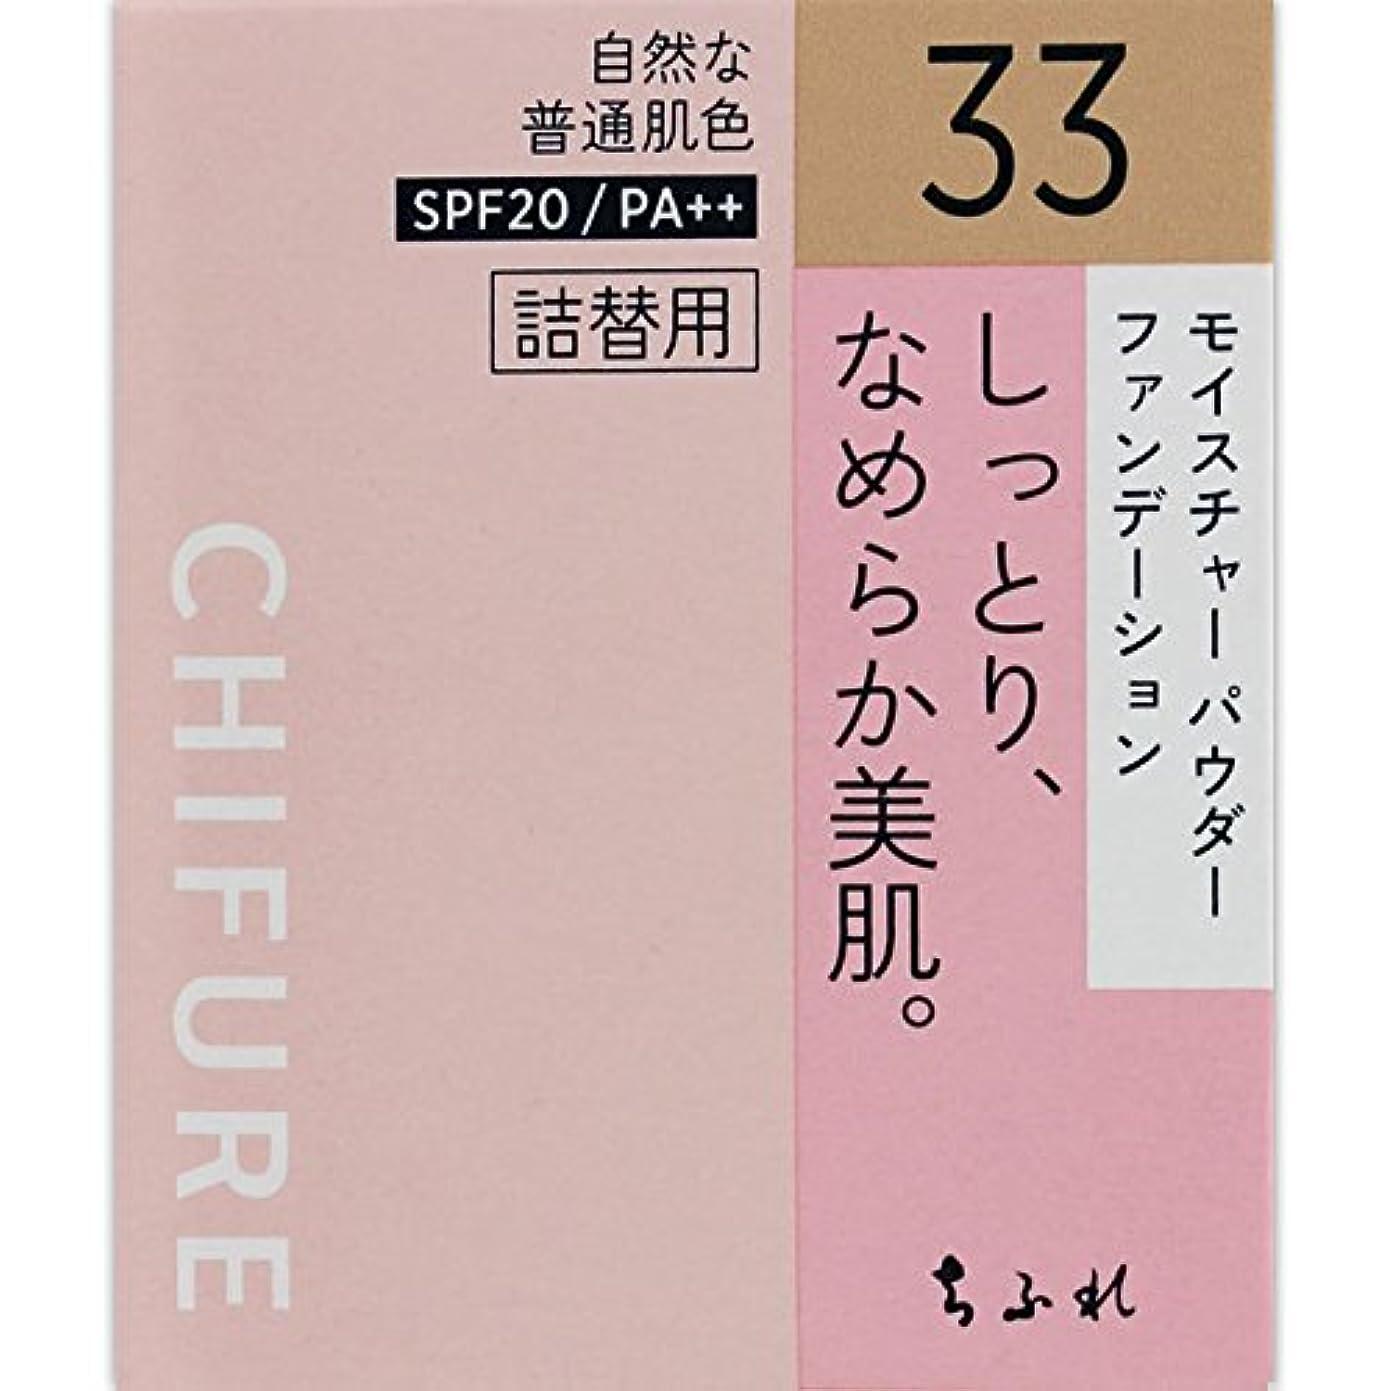 影のあるインレイ蛾ちふれ化粧品 モイスチャー パウダーファンデーション 詰替用 オークル系 MパウダーFD詰替用33